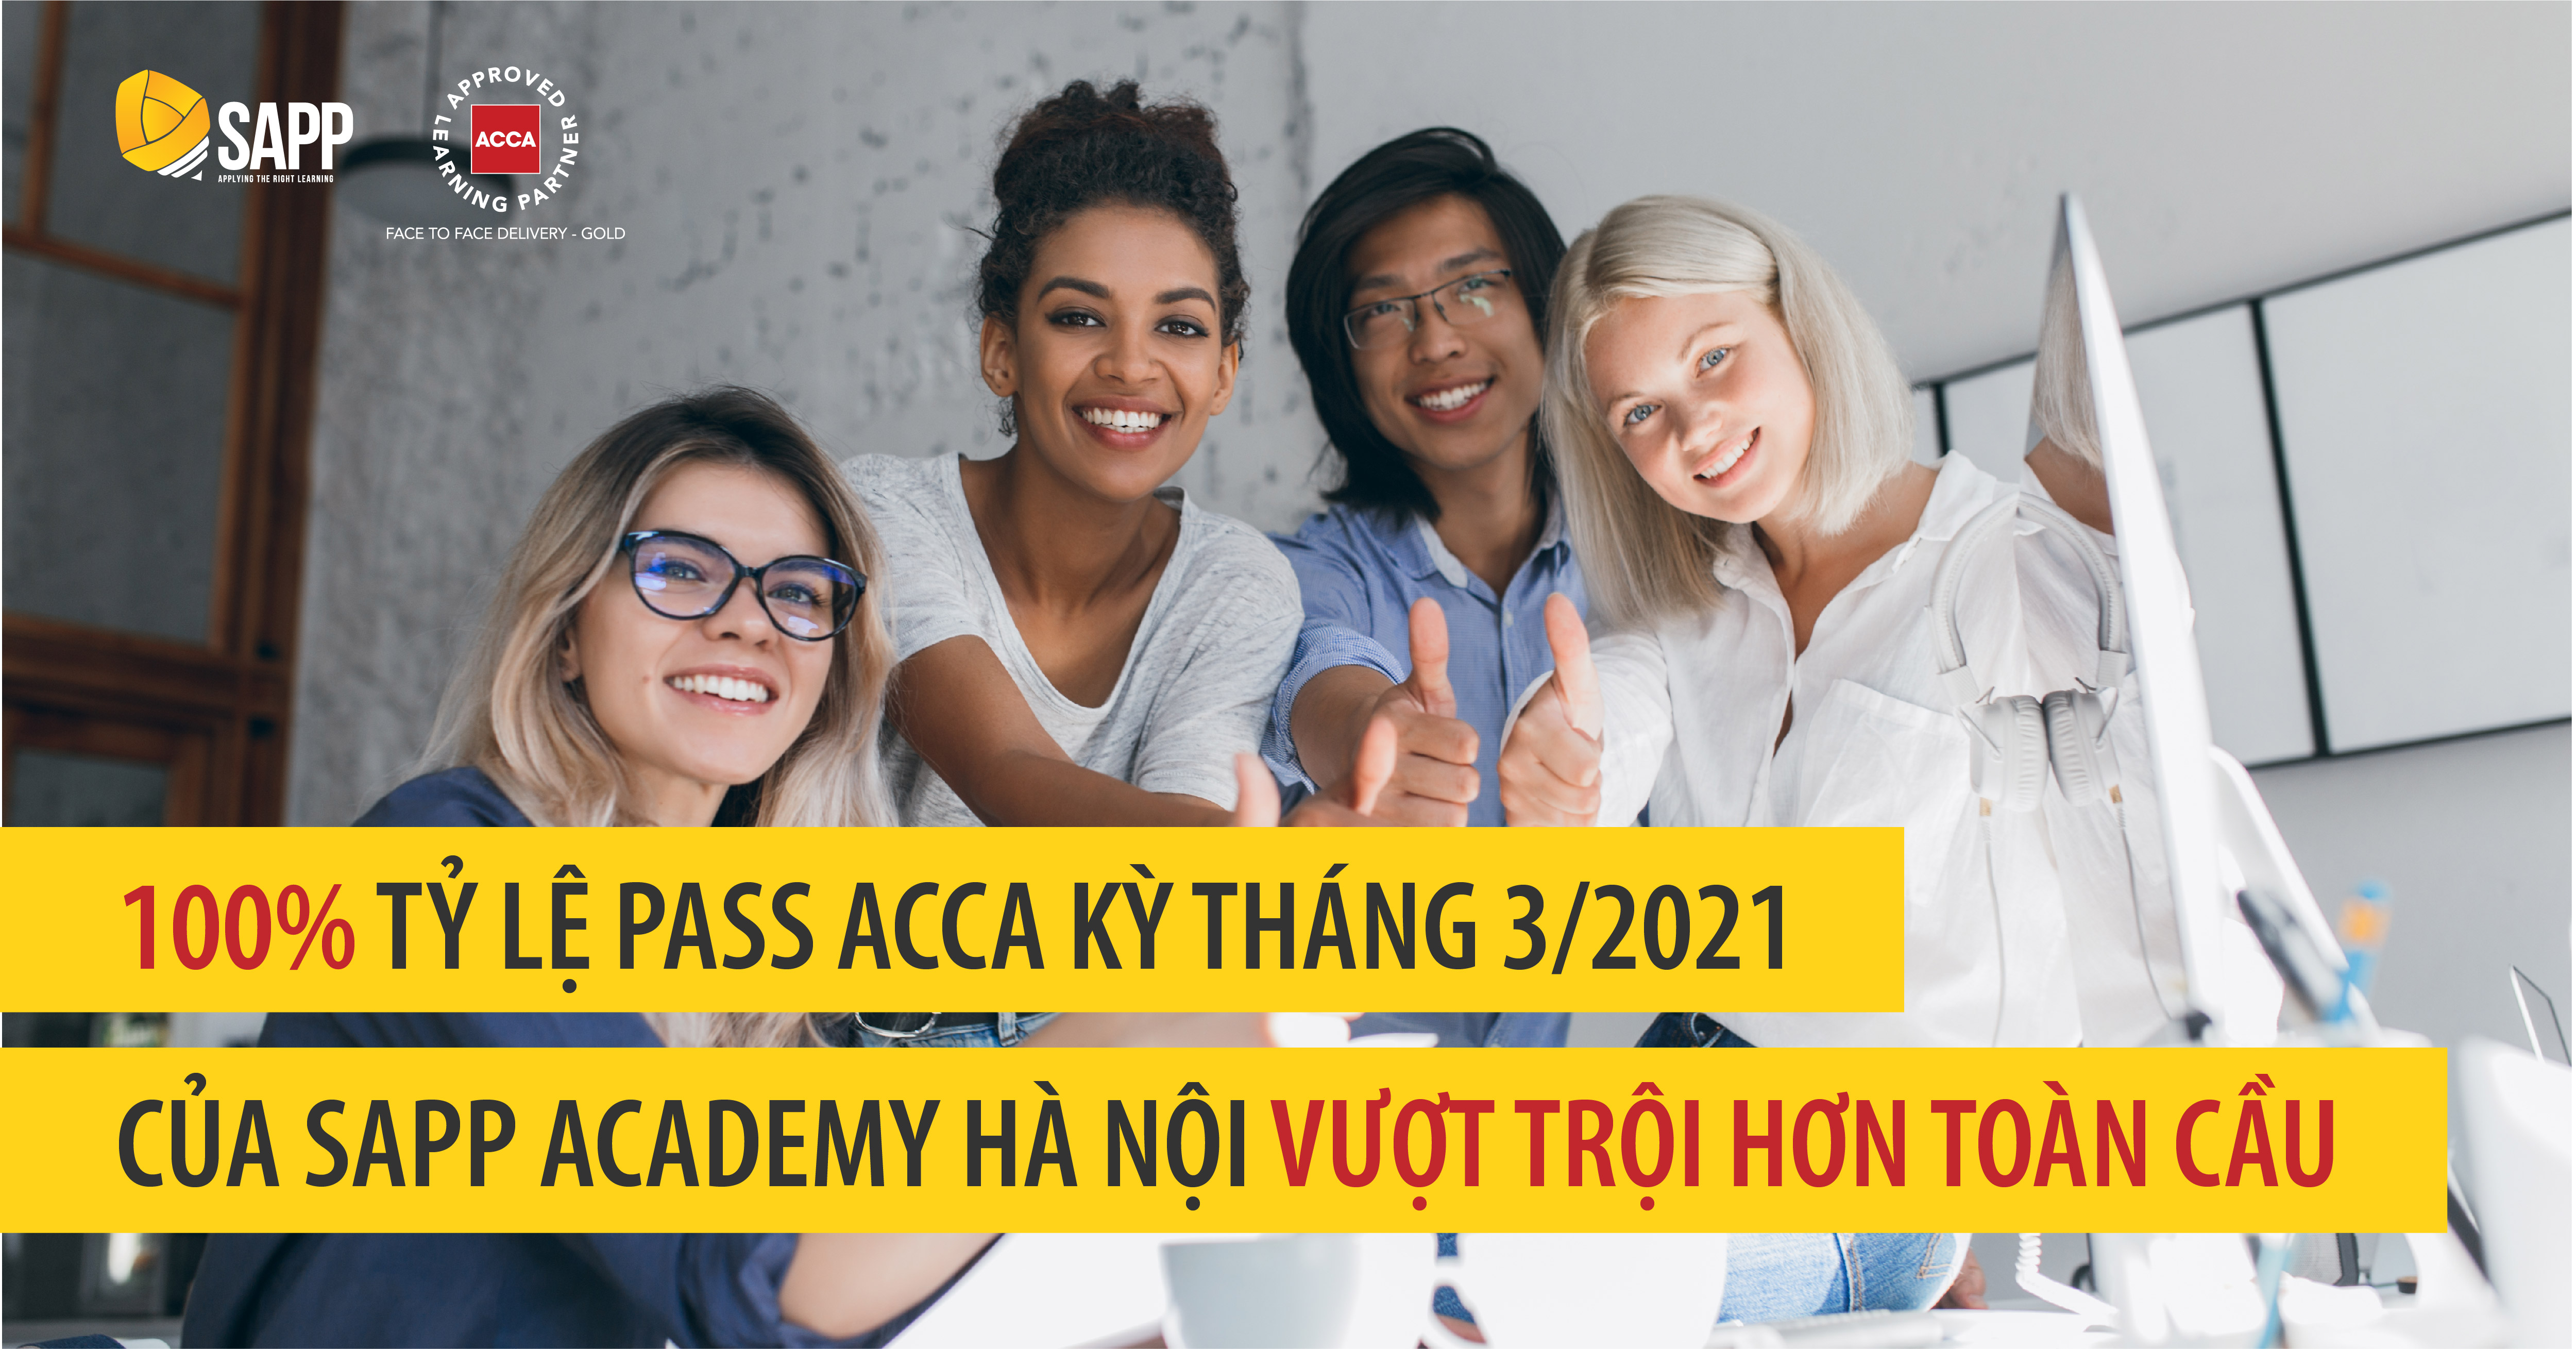 100% tỷ lệ pass ACCA Kỳ tháng 3/2021 của SAPP Academy Hà Nội vượt trội hơn toàn cầu